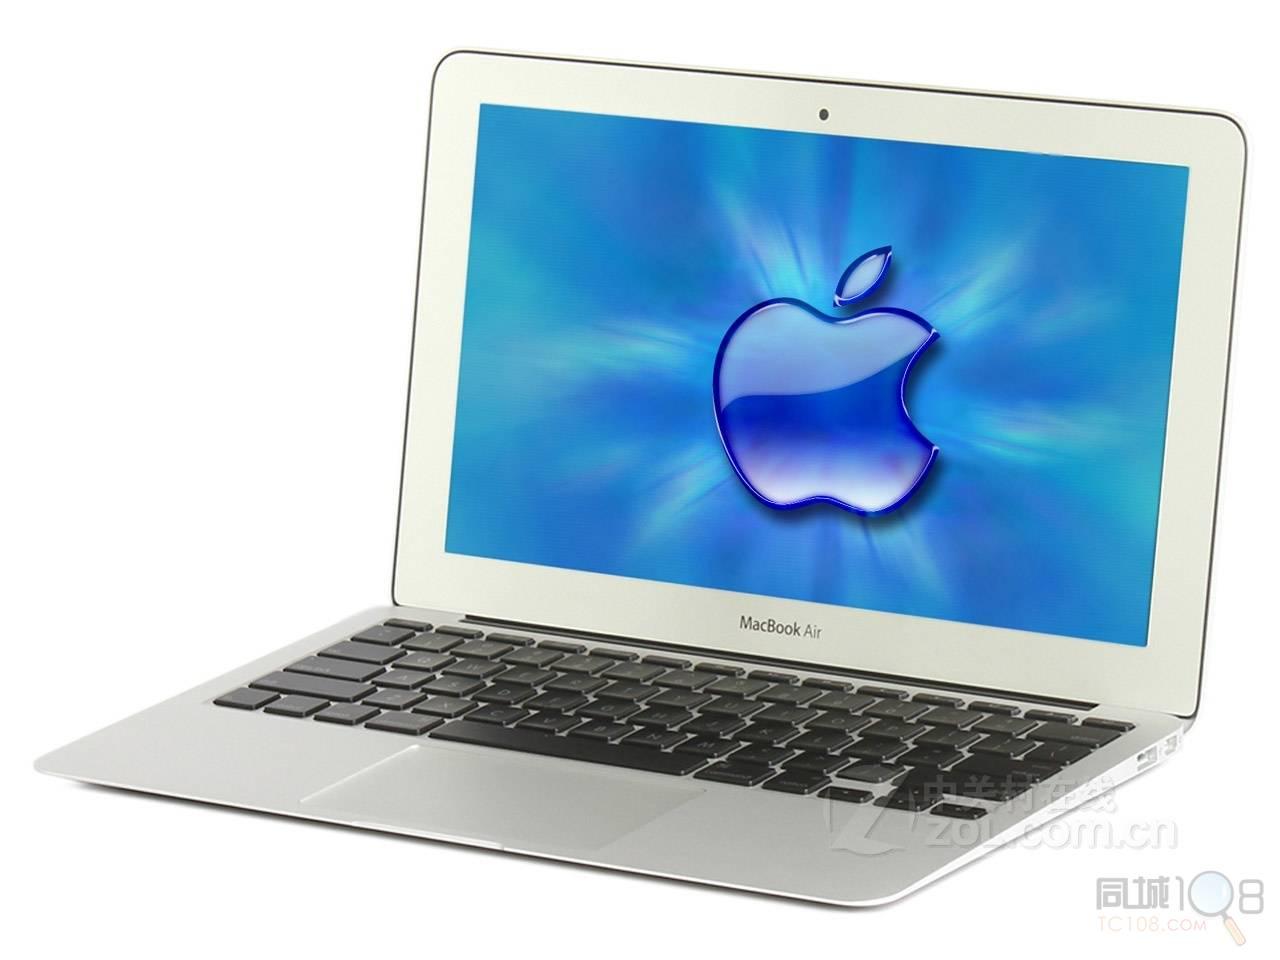 最便宜的笔记本_IBM或苹果笔记本最好最贵的型号?-苹果笔记本最便宜多少钱,是 ...